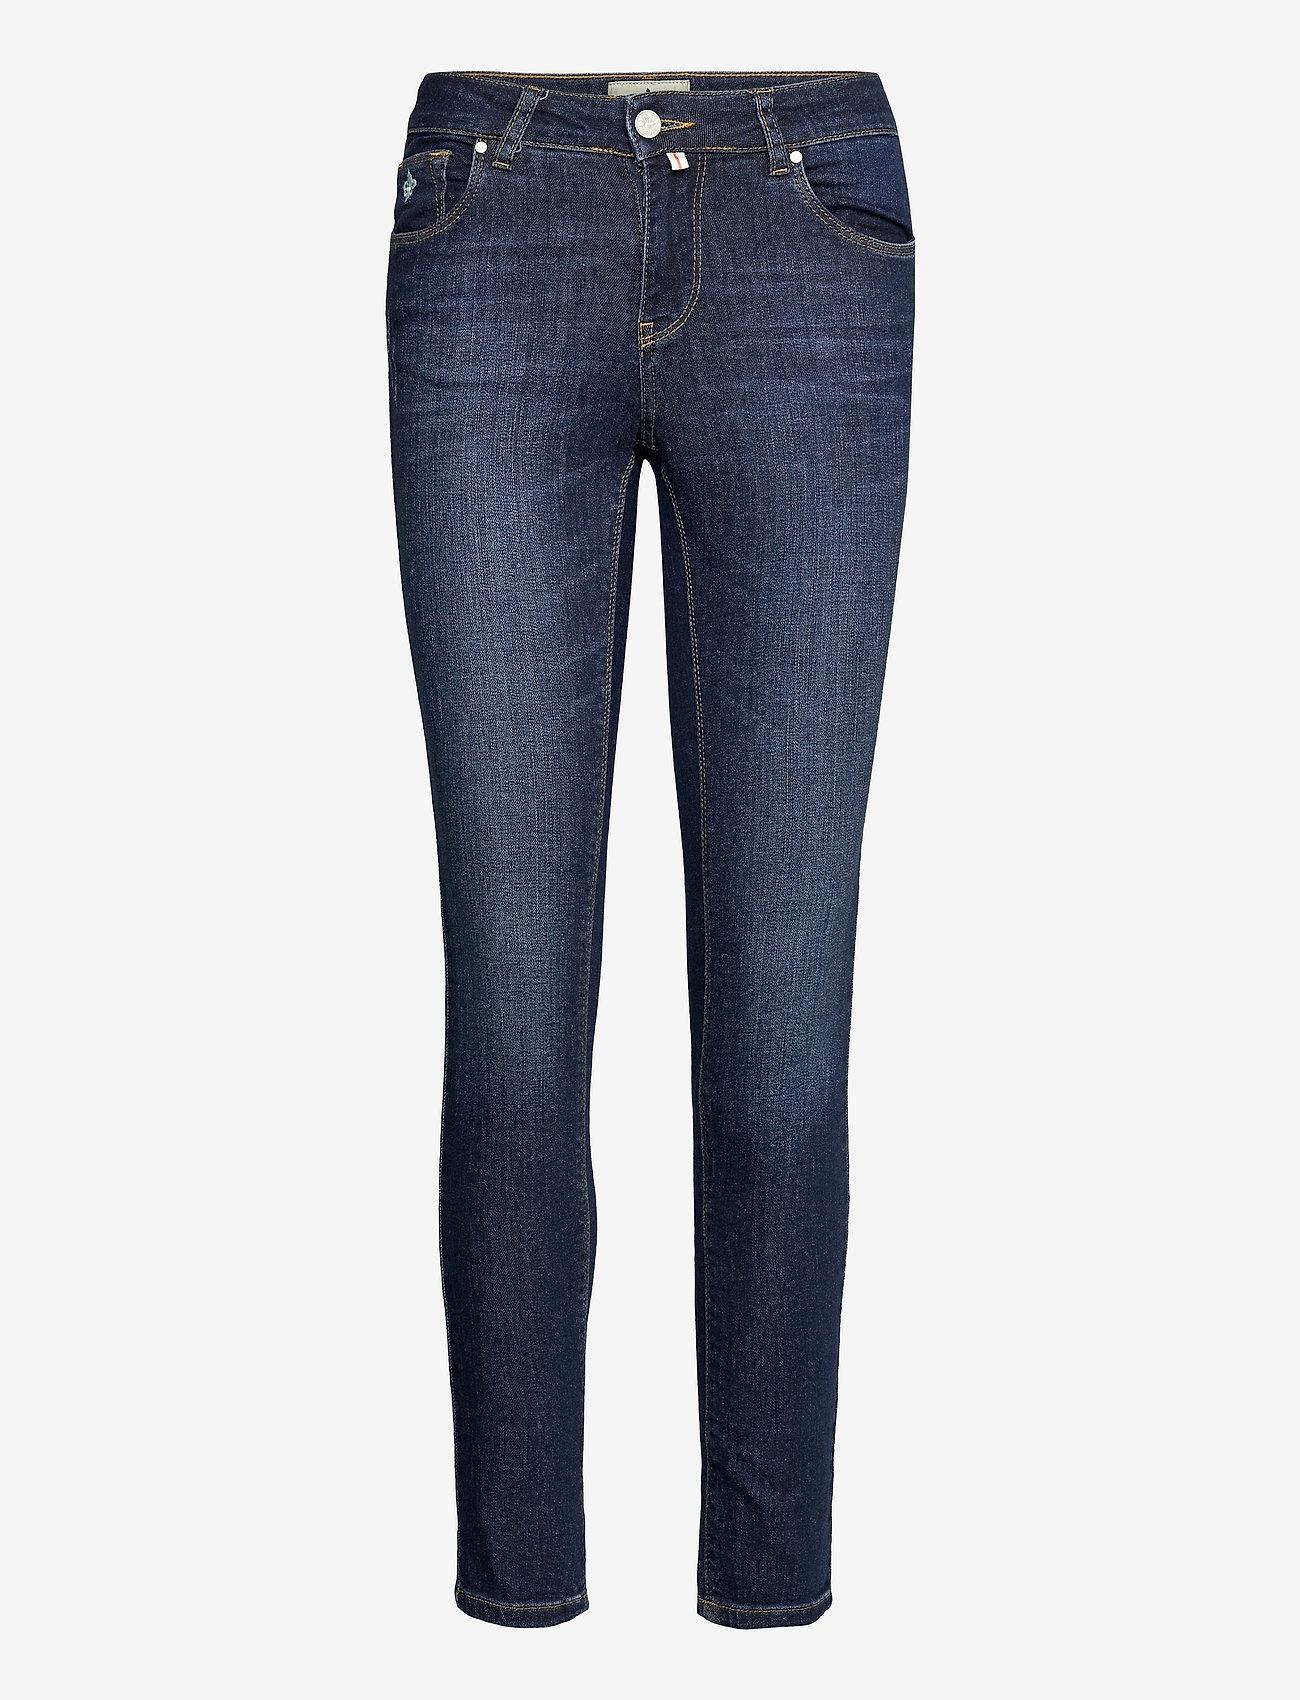 Morris Lady - Monroe Jeans - skinny jeans - dark wash - 0